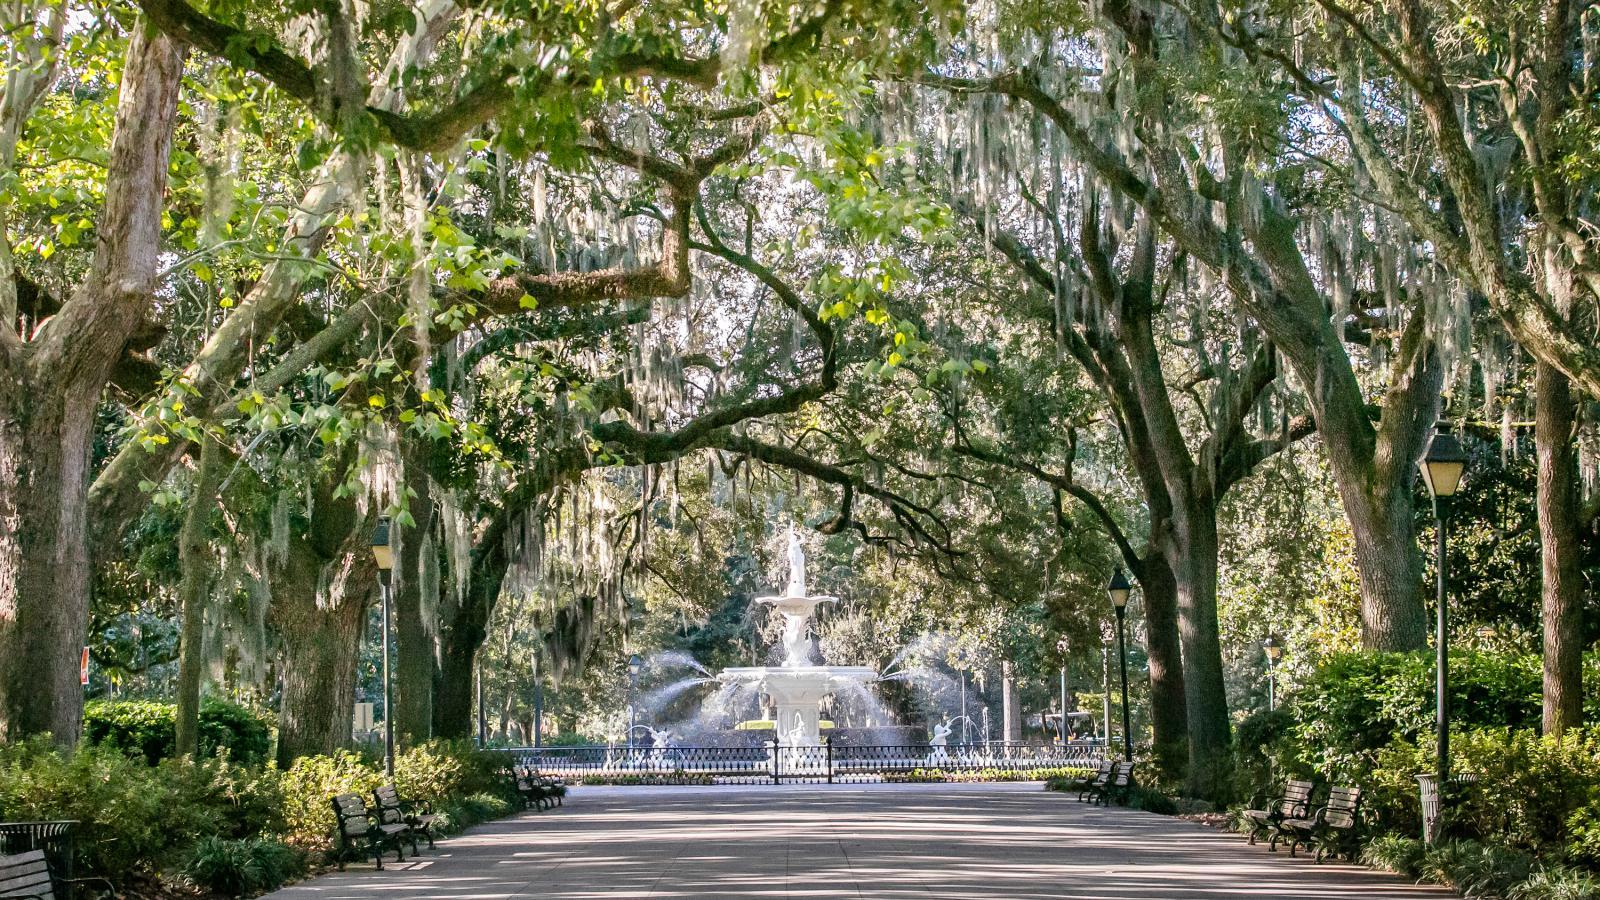 Athens to Savannah, Georgia, Bicycle Tour